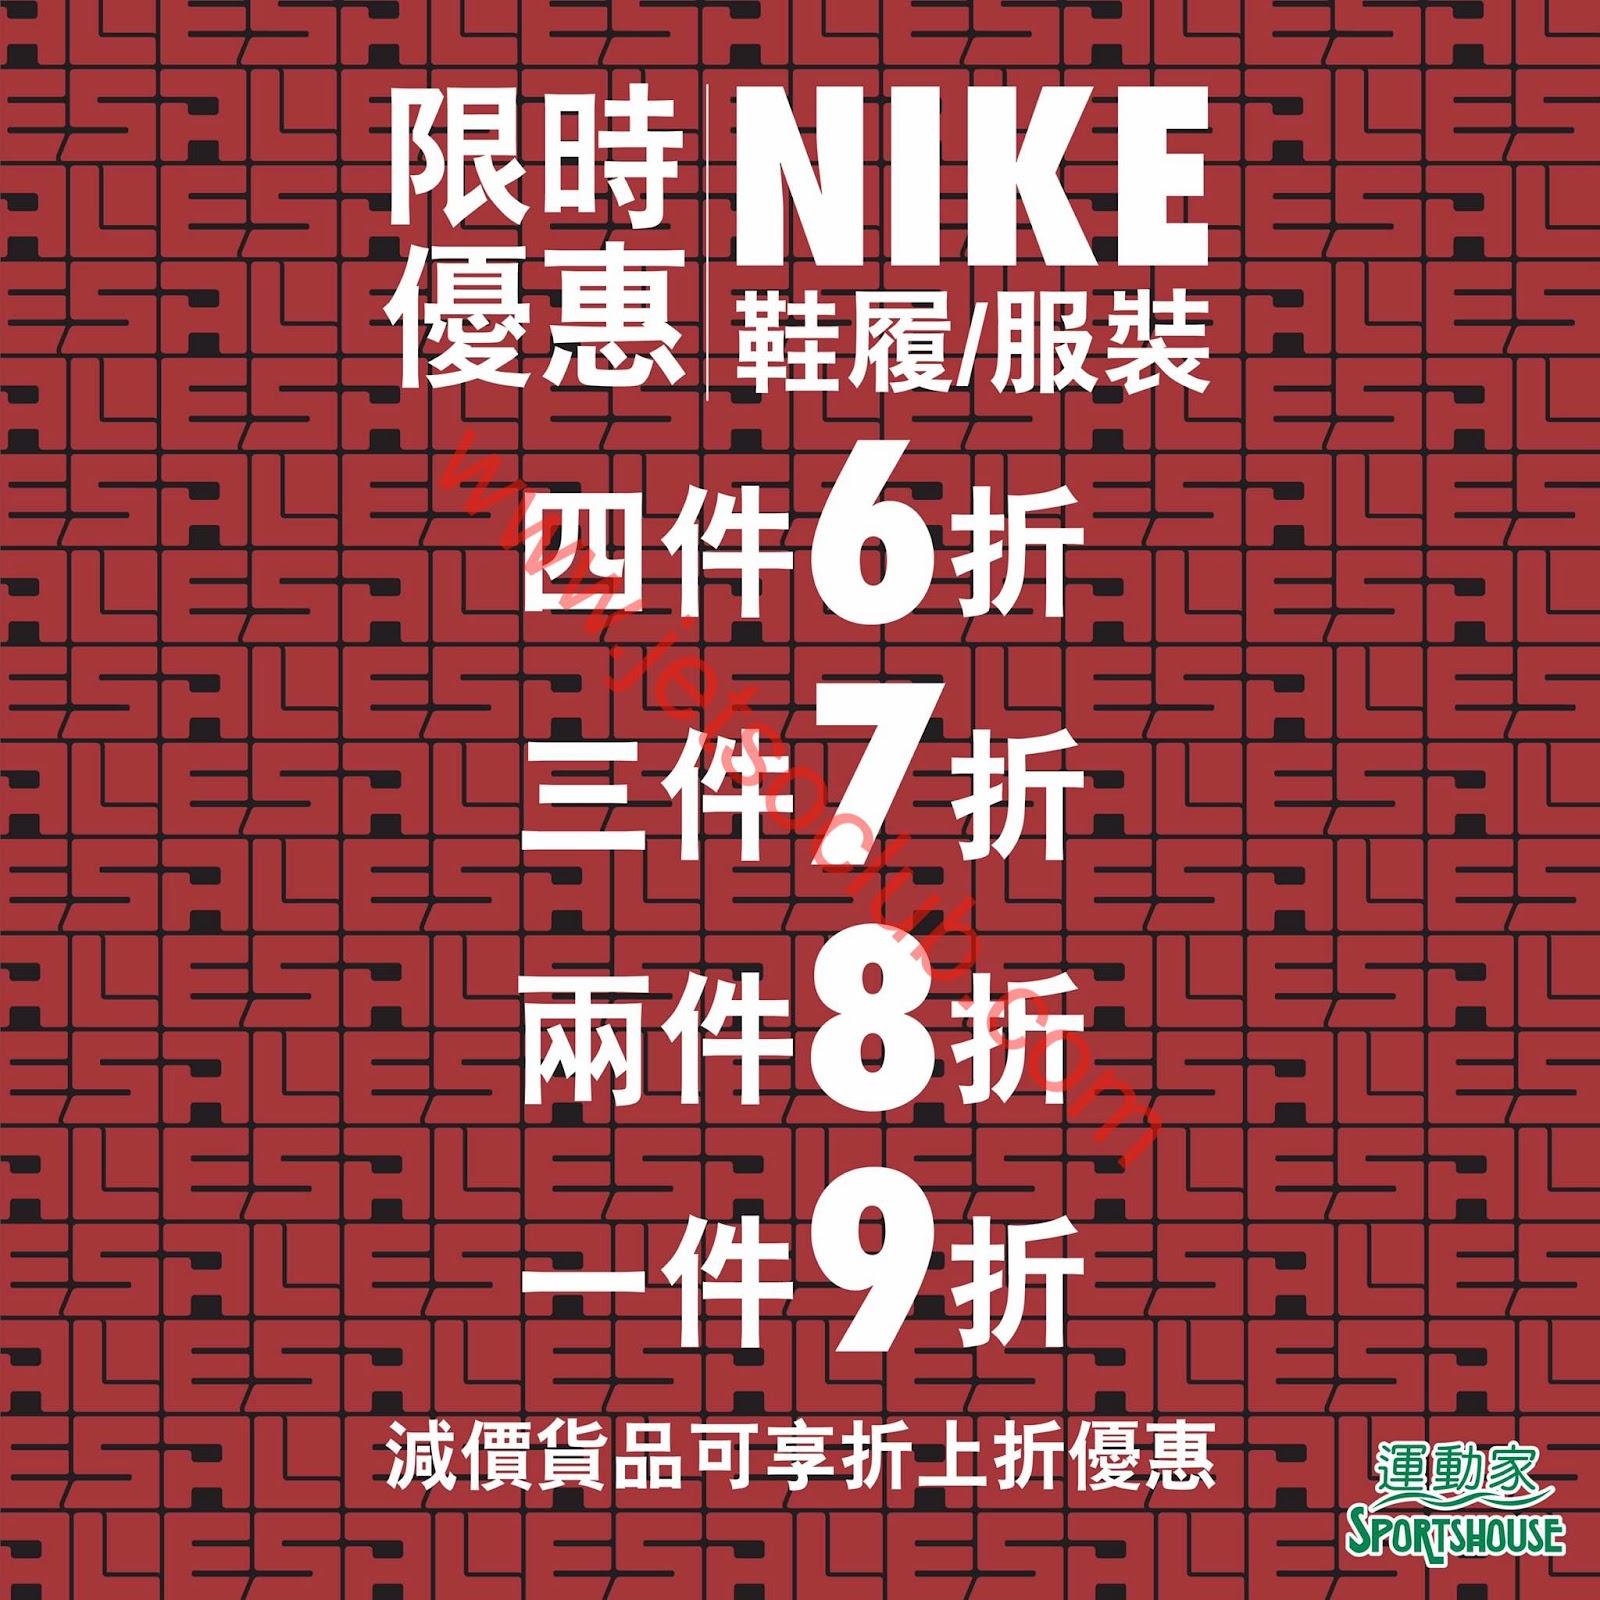 運動家 / 允記 / 馬拉松 / GigaSports / Catalog:NIKE 低至6折(2/6起) ( Jetso Club 著數俱樂部 )